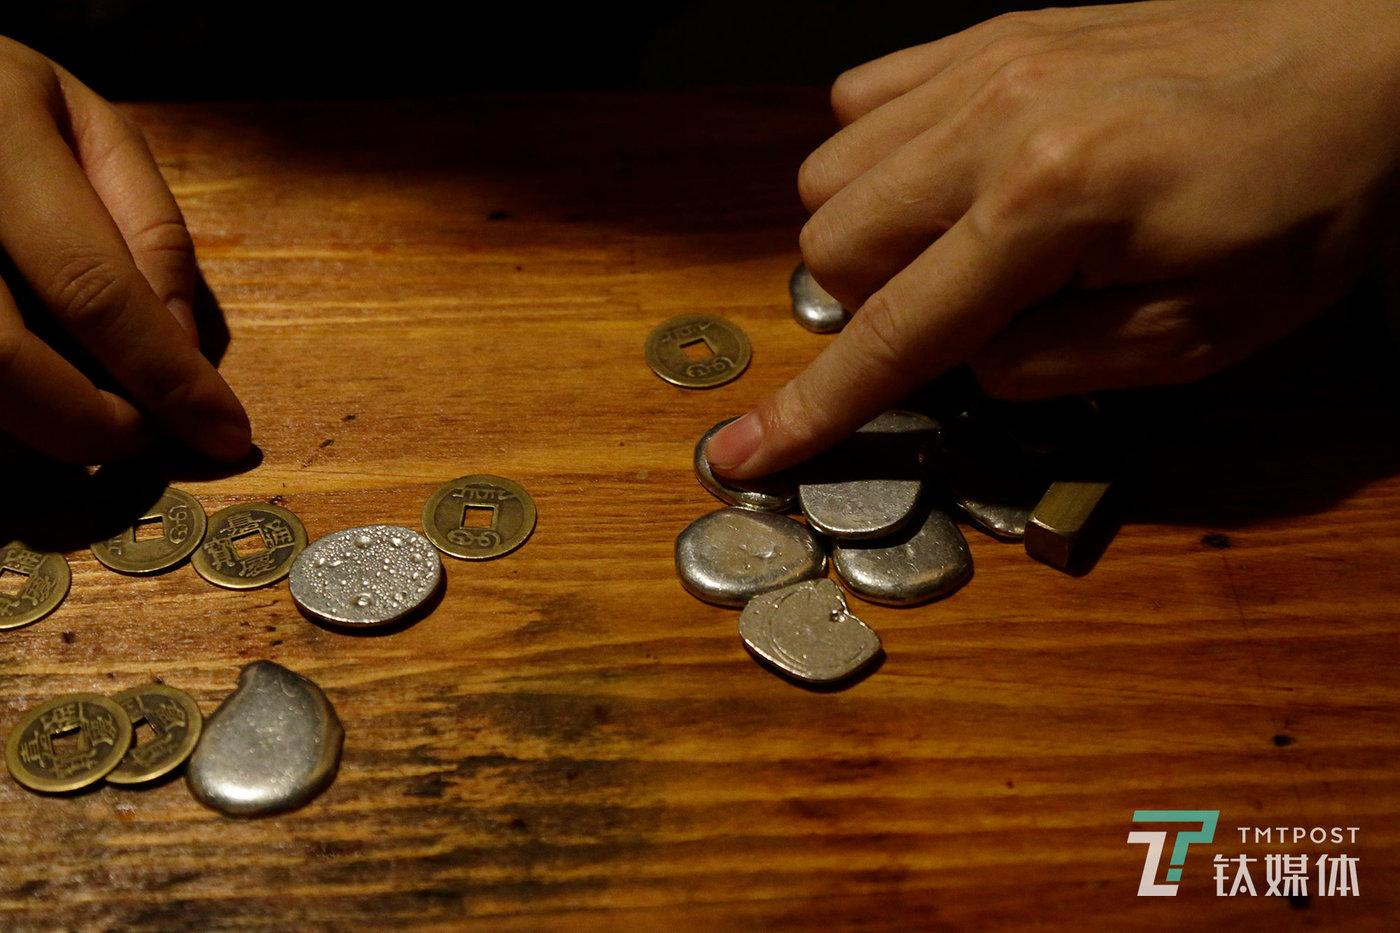 游戏中的银子,分别有一两、五两、一铜板(十两)。